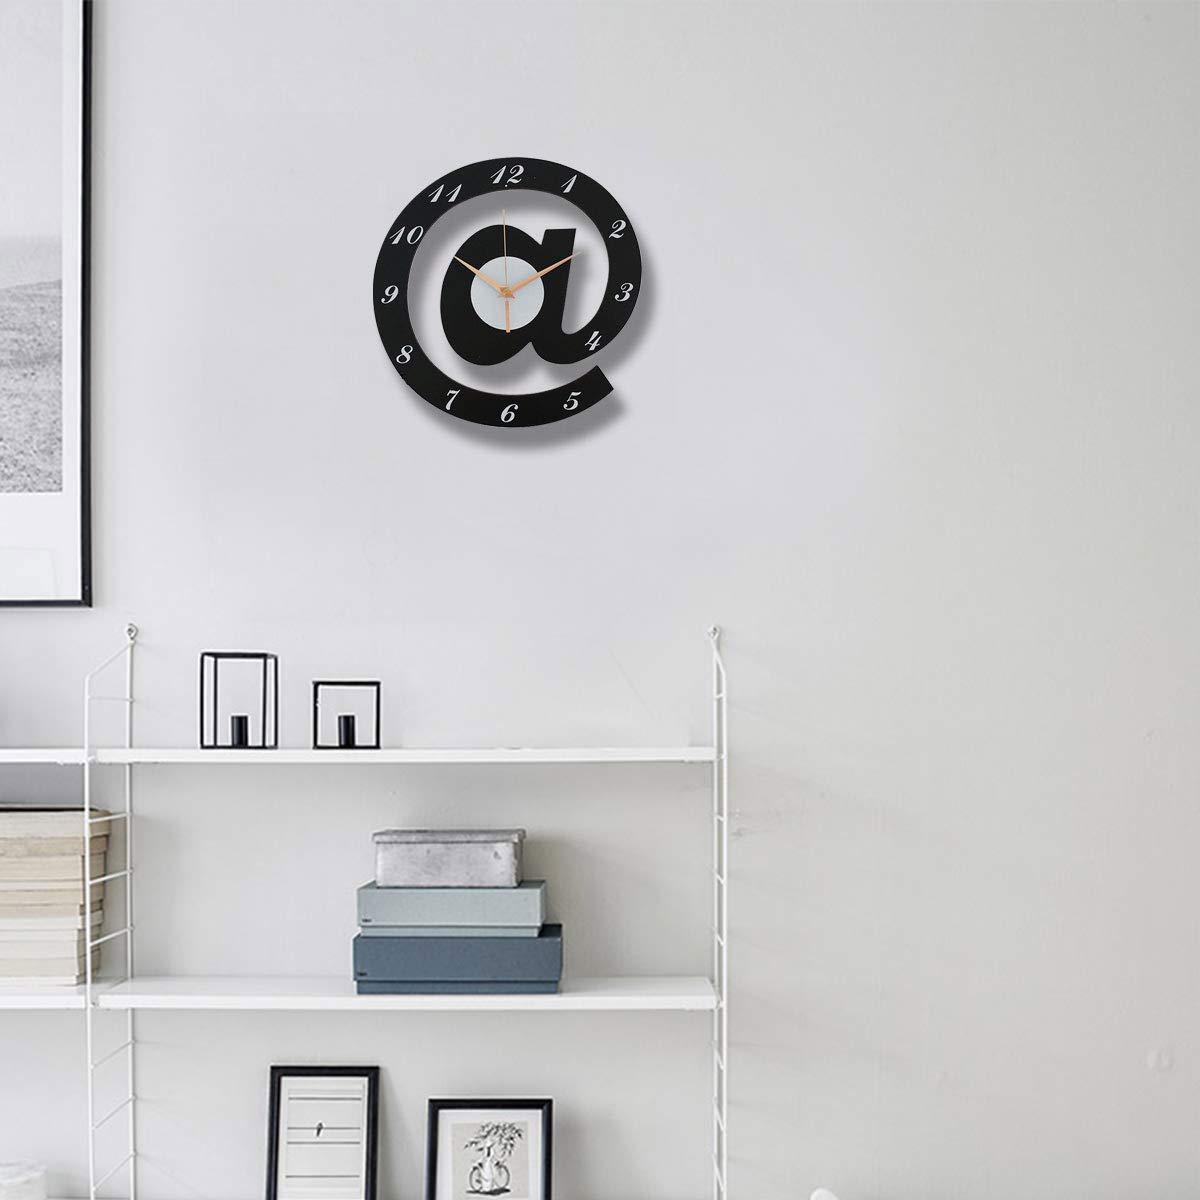 Hianiquaime Pendule Murale Silencieuse Lettre Design Horloge D/écorative Art Cr/éatif Cadeau Enfant pour Salon Chambre Accueil Decoration Noire Blanche 29x28 cm